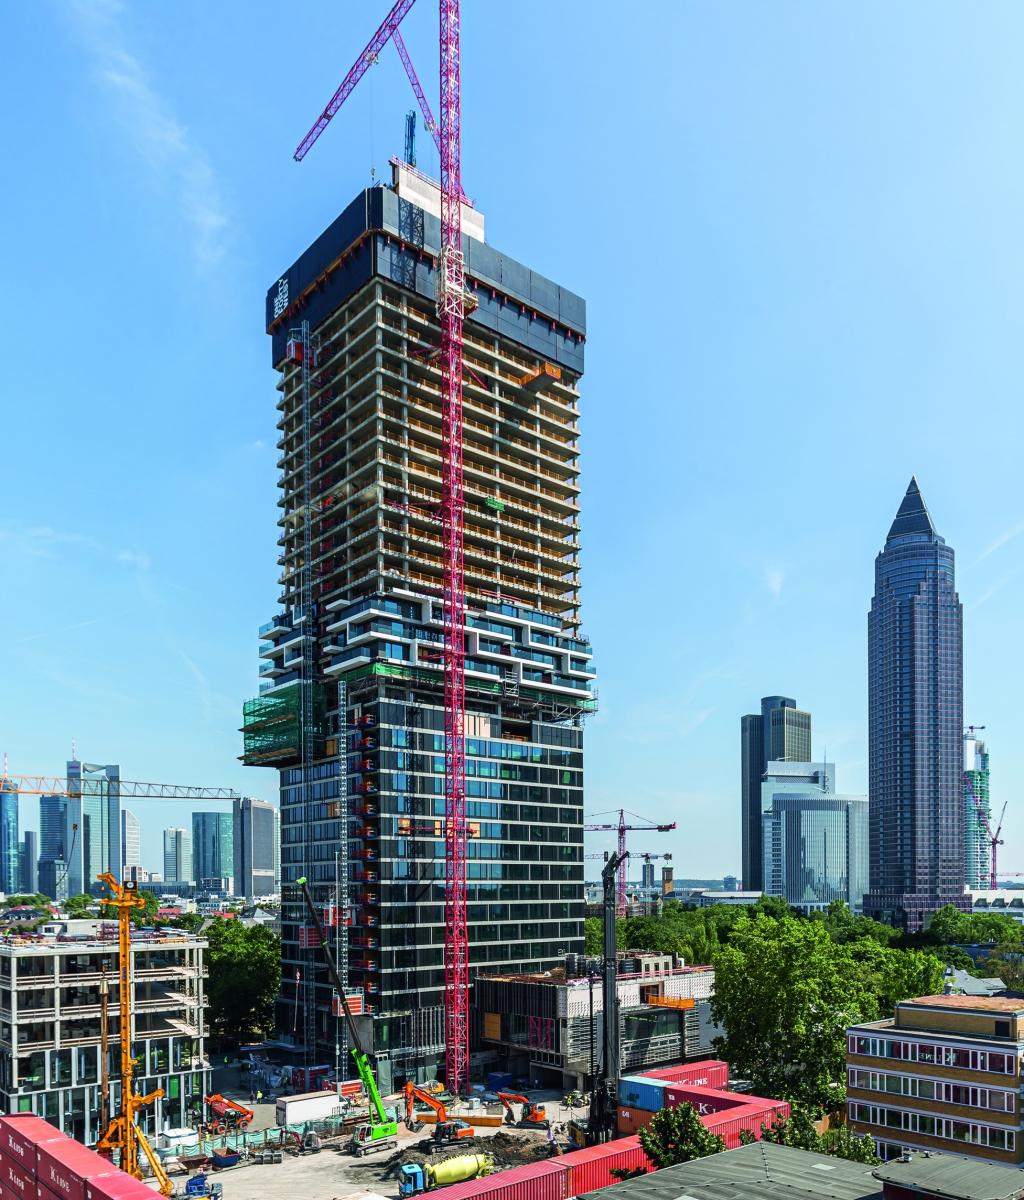 Spektakuläre Ausblicke auf Frankfurt und den Taunus Das 145 m hohe One Forty West bietet seit Mitte 2020 einen Mix aus Hotel, Gastronomie und Wohnen – sowie spektakuläre Ausblicke auf die Frankfurter Skyline und den Taunus.